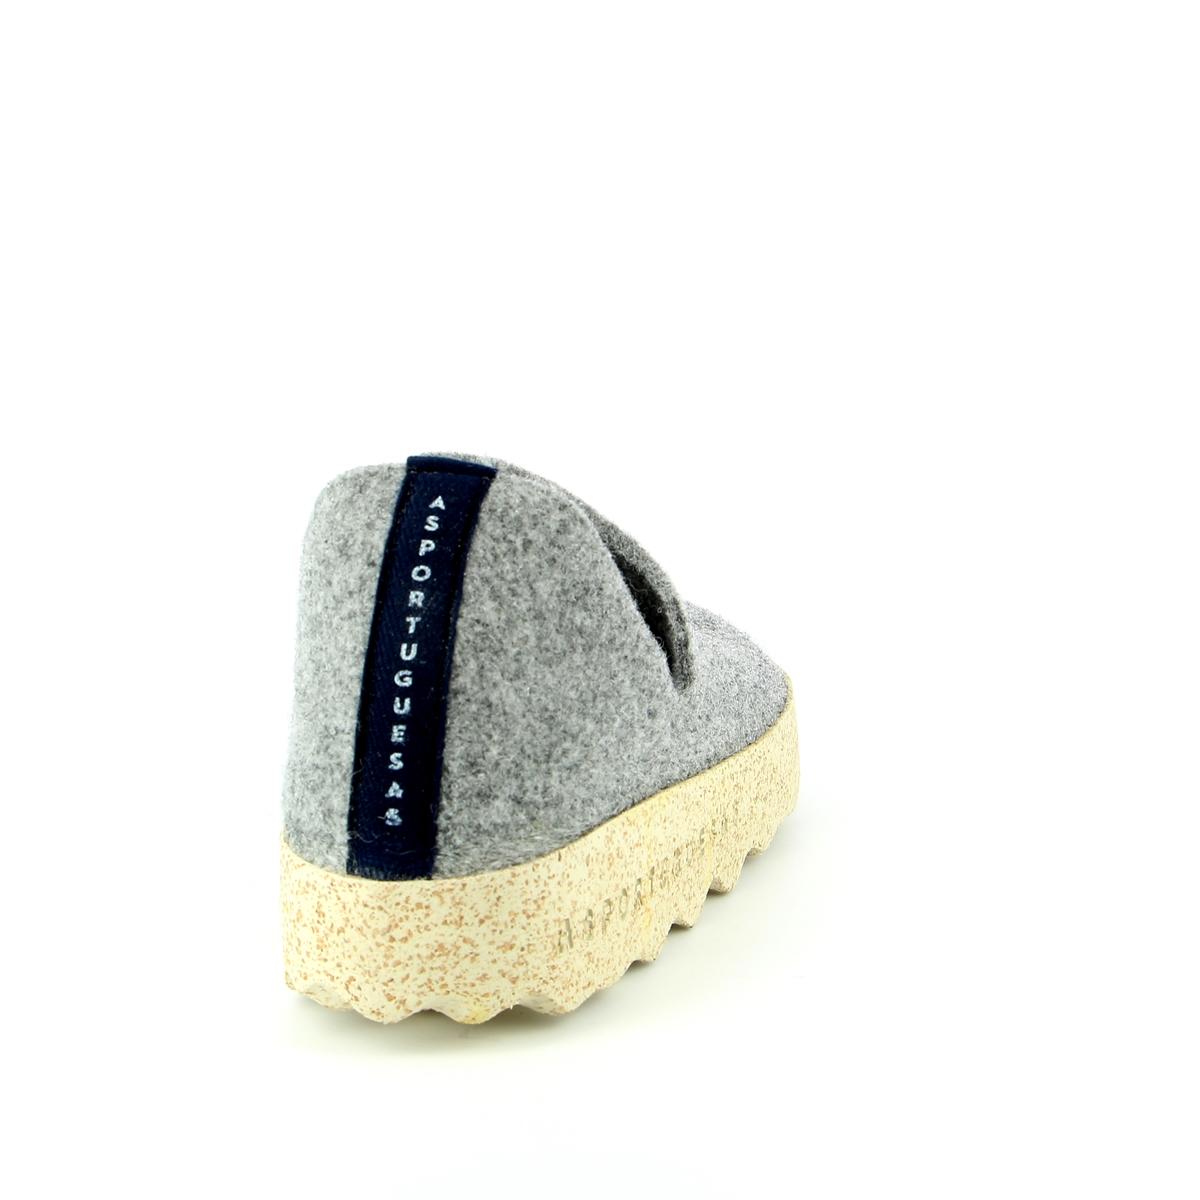 Asportuguesas Pantoffels grijs